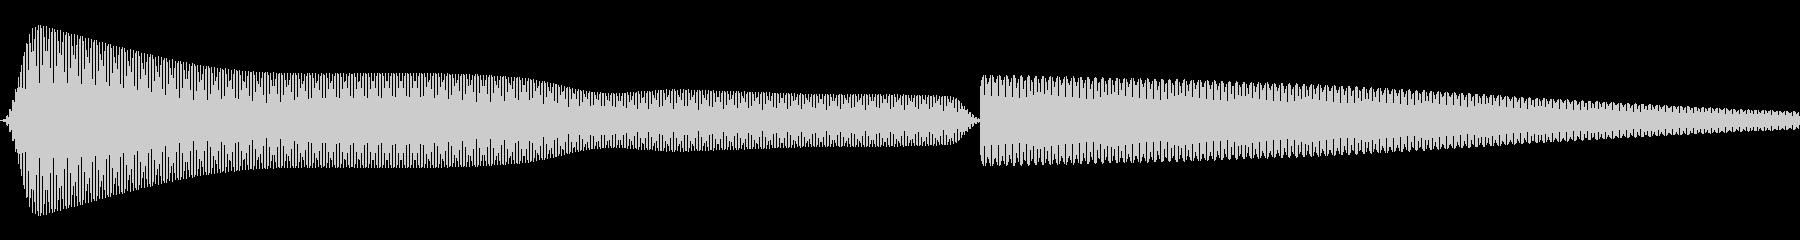 汎用的なシステム音(ピッ)の未再生の波形